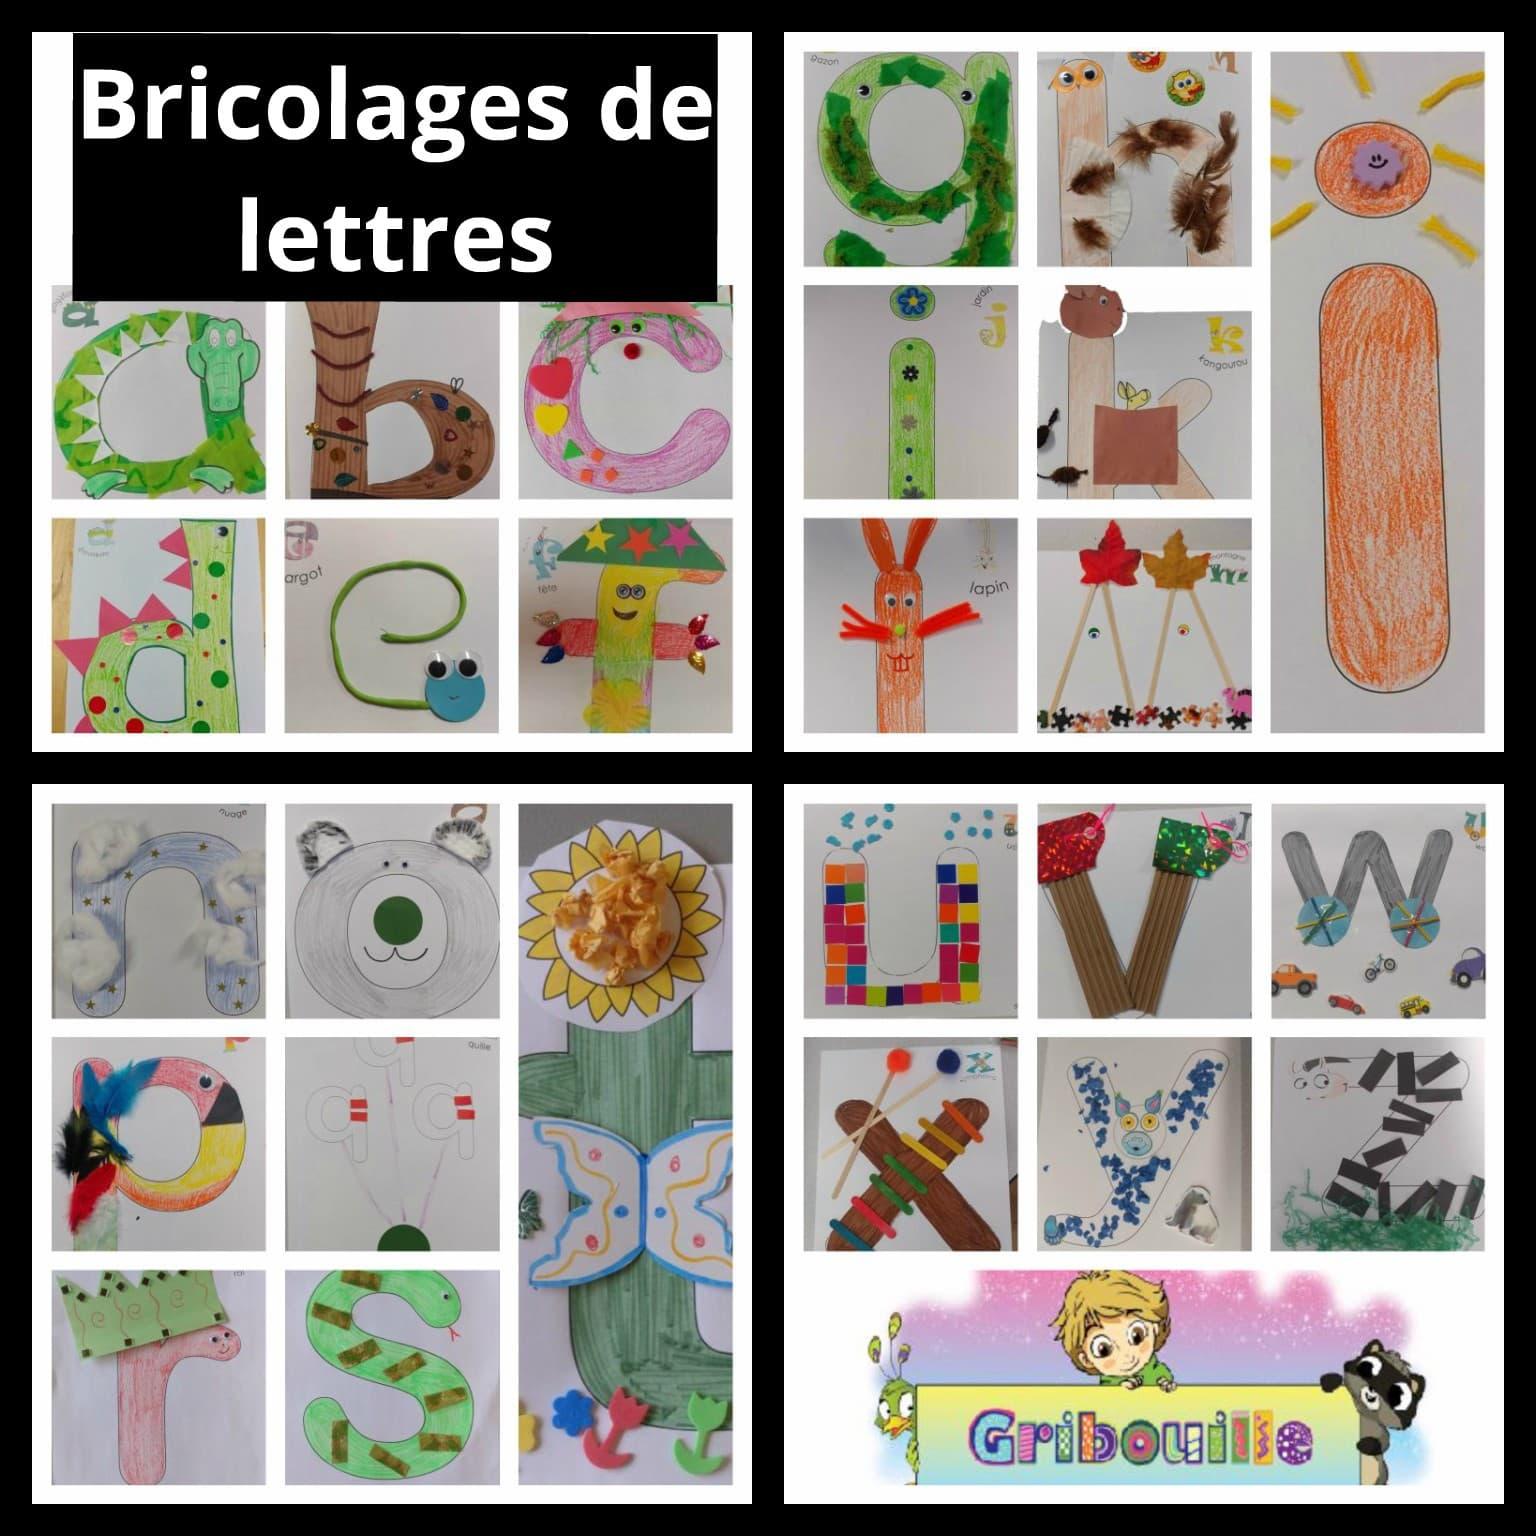 Bricolages de lettres